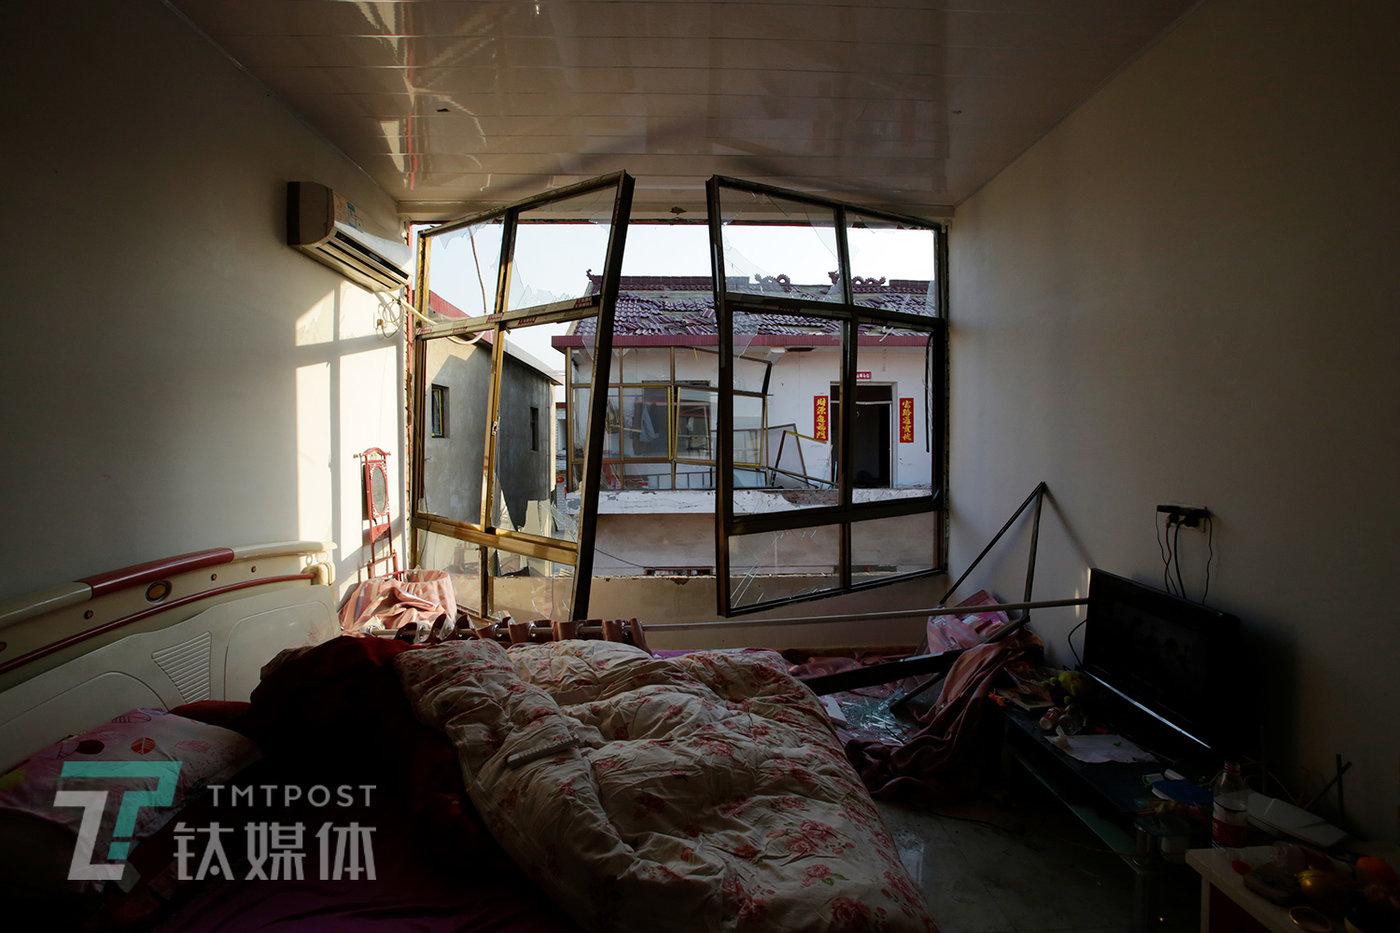 3月23日,距离陈家港镇化工园区最近的王商村(1公里),一户村民的卧室。